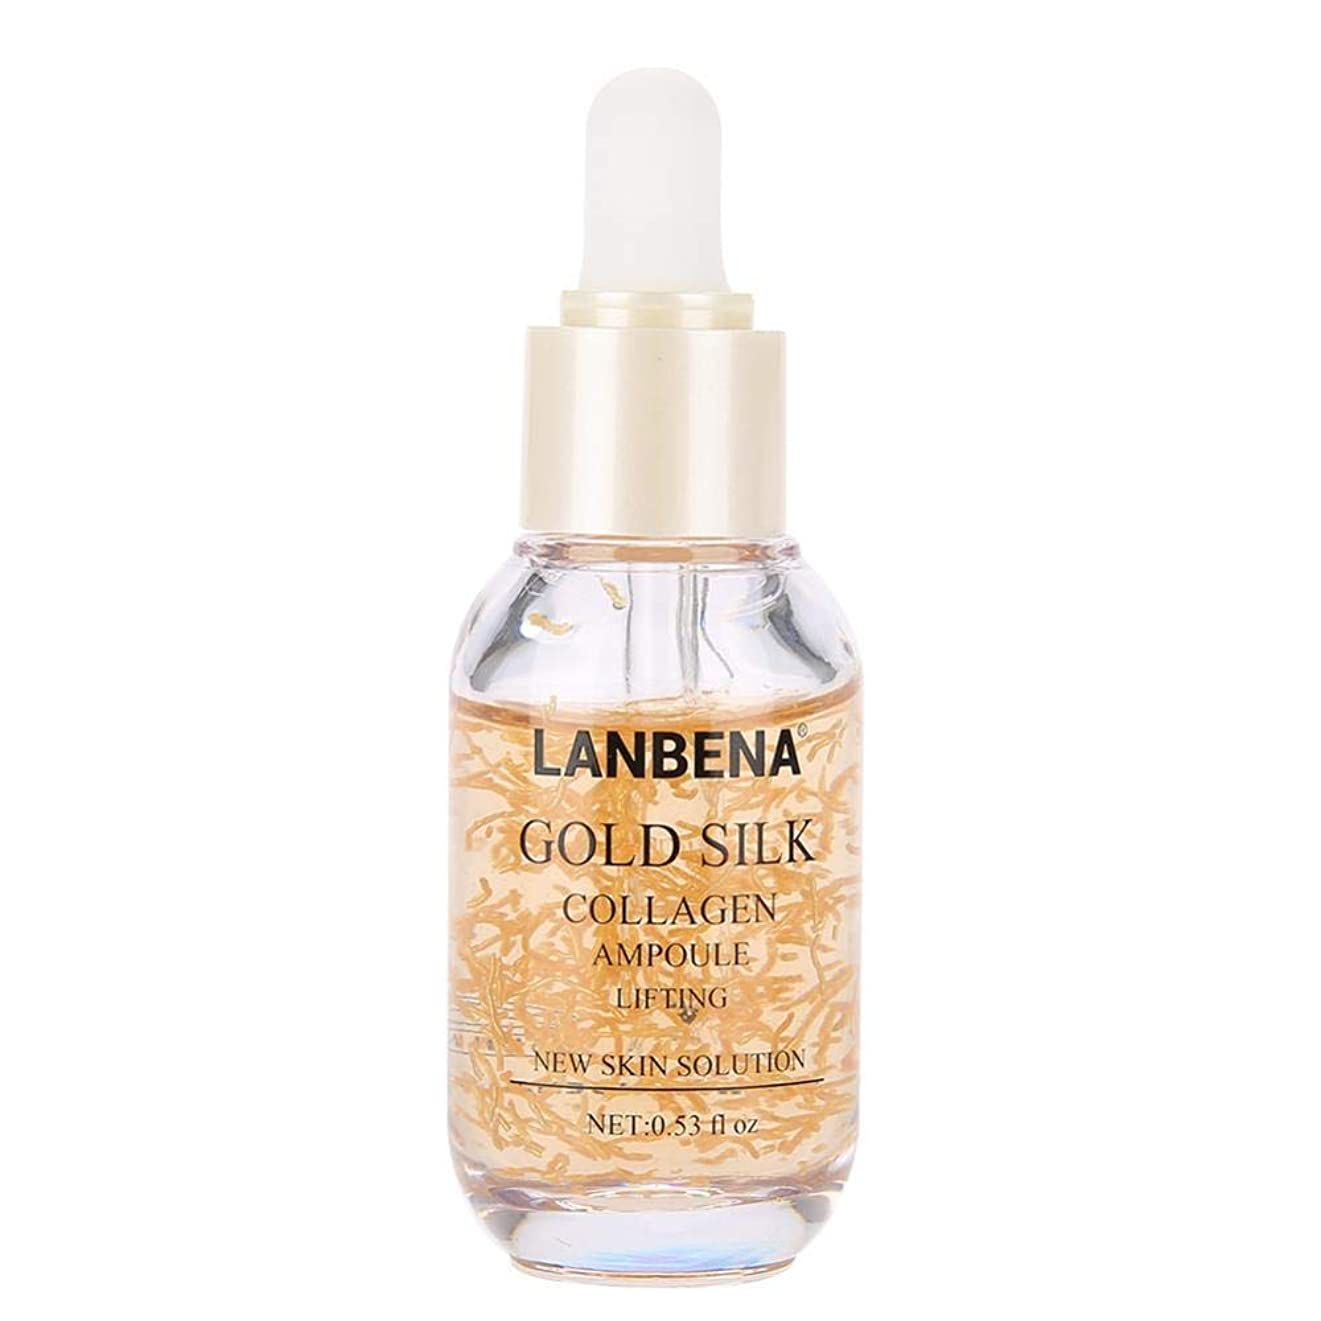 黒人意気込み操るコラーゲンフェイシャルエッセンス、肌への潤い 修理 保湿 引き締め 肌の輝き ユニセックス スキンケア製品